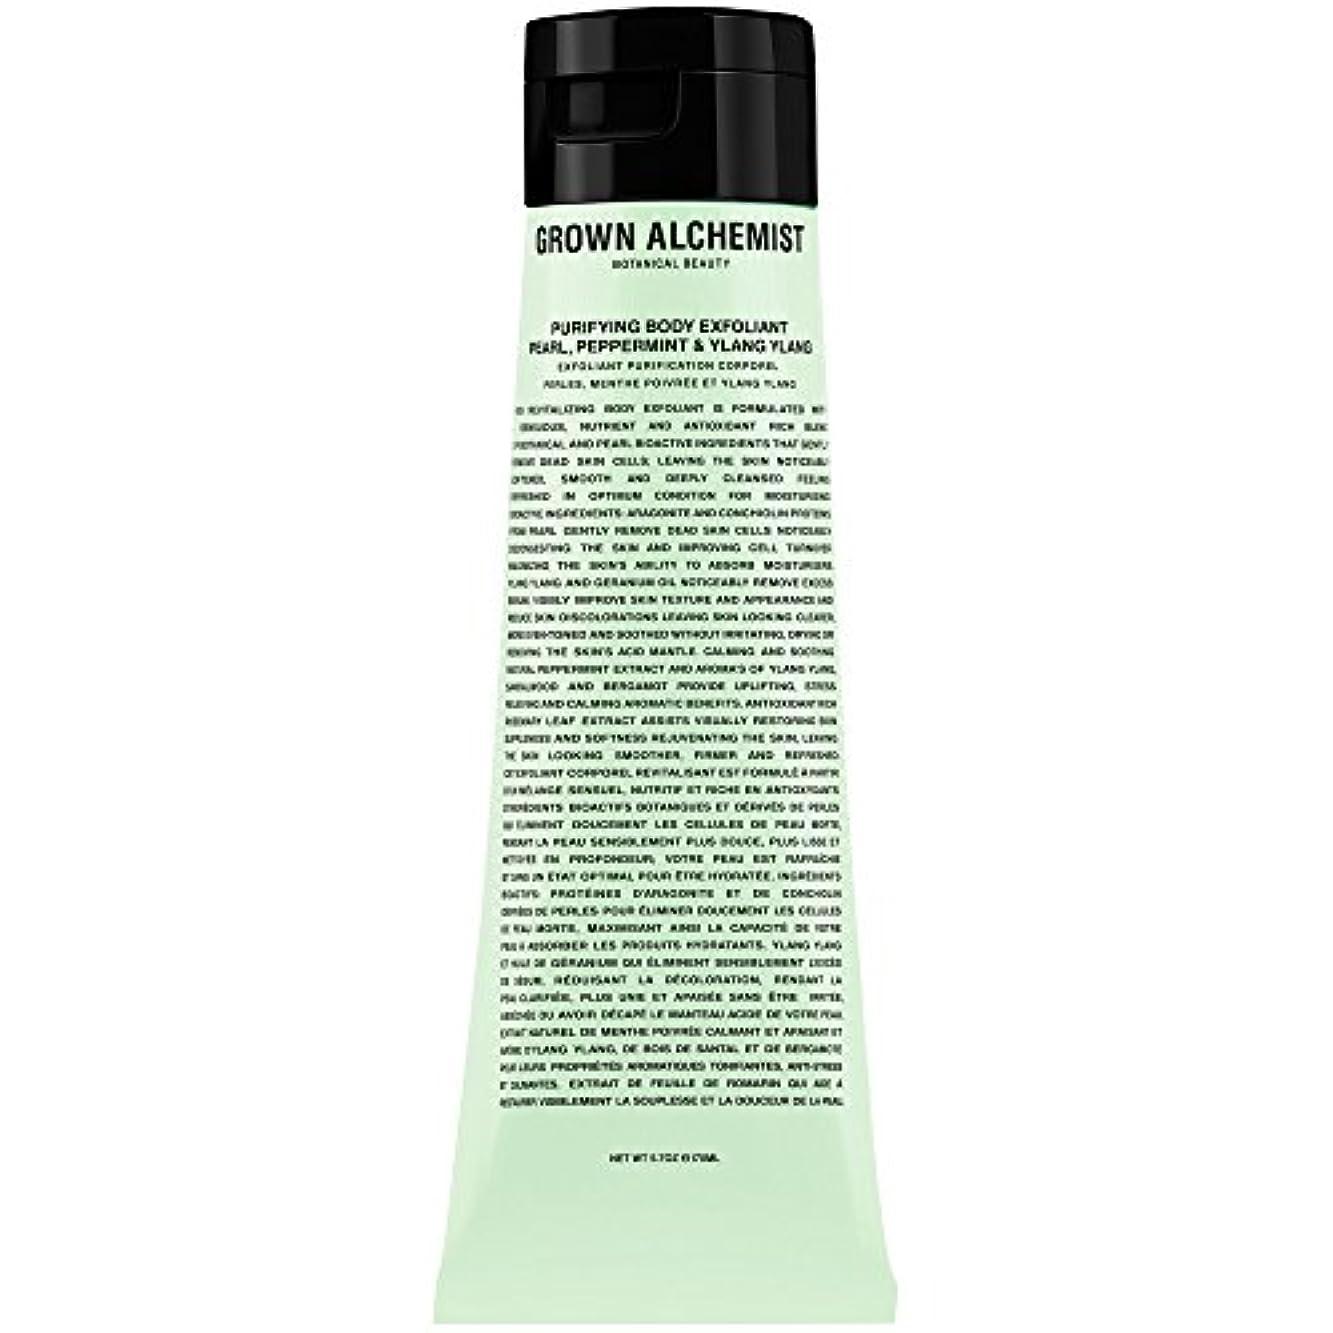 社説学者地味な成長した錬金術師浄化体剥脱真珠ペパーミント&イランイラン170ミリリットル (Grown Alchemist) (x2) - Grown Alchemist Purifying Body Exfoliant Pearl...